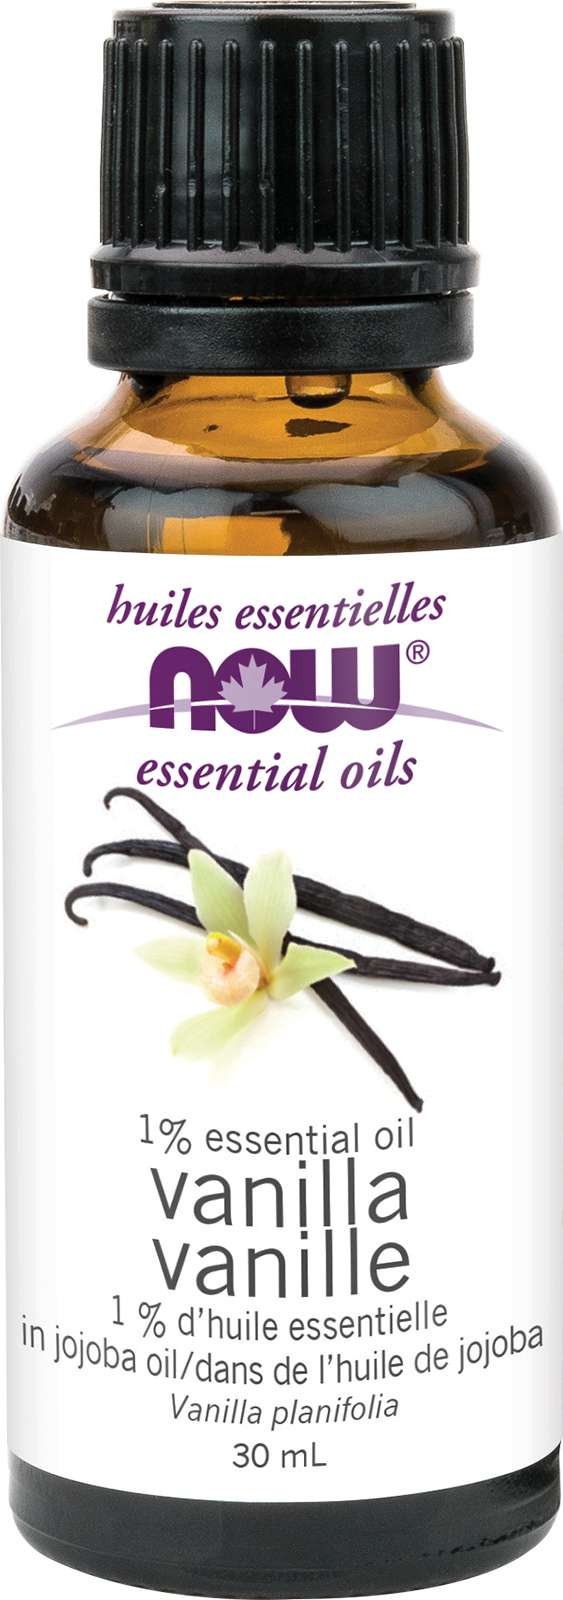 Vanilla Oil 1% (Vanilla planifolia) 30mL